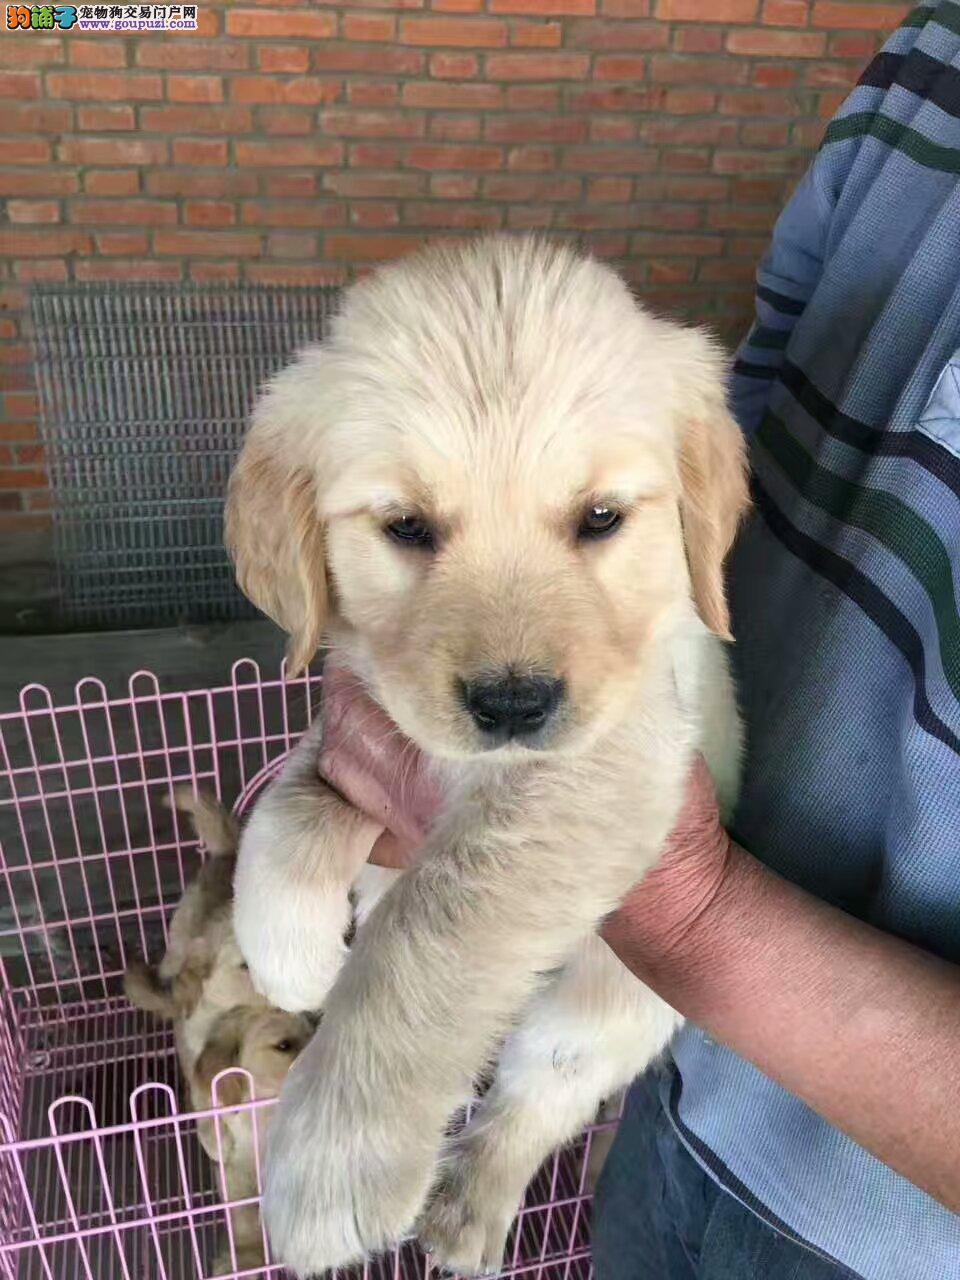 金毛幼犬出售 2个月,陆佰疫苗驱虫已做,品相好保健康